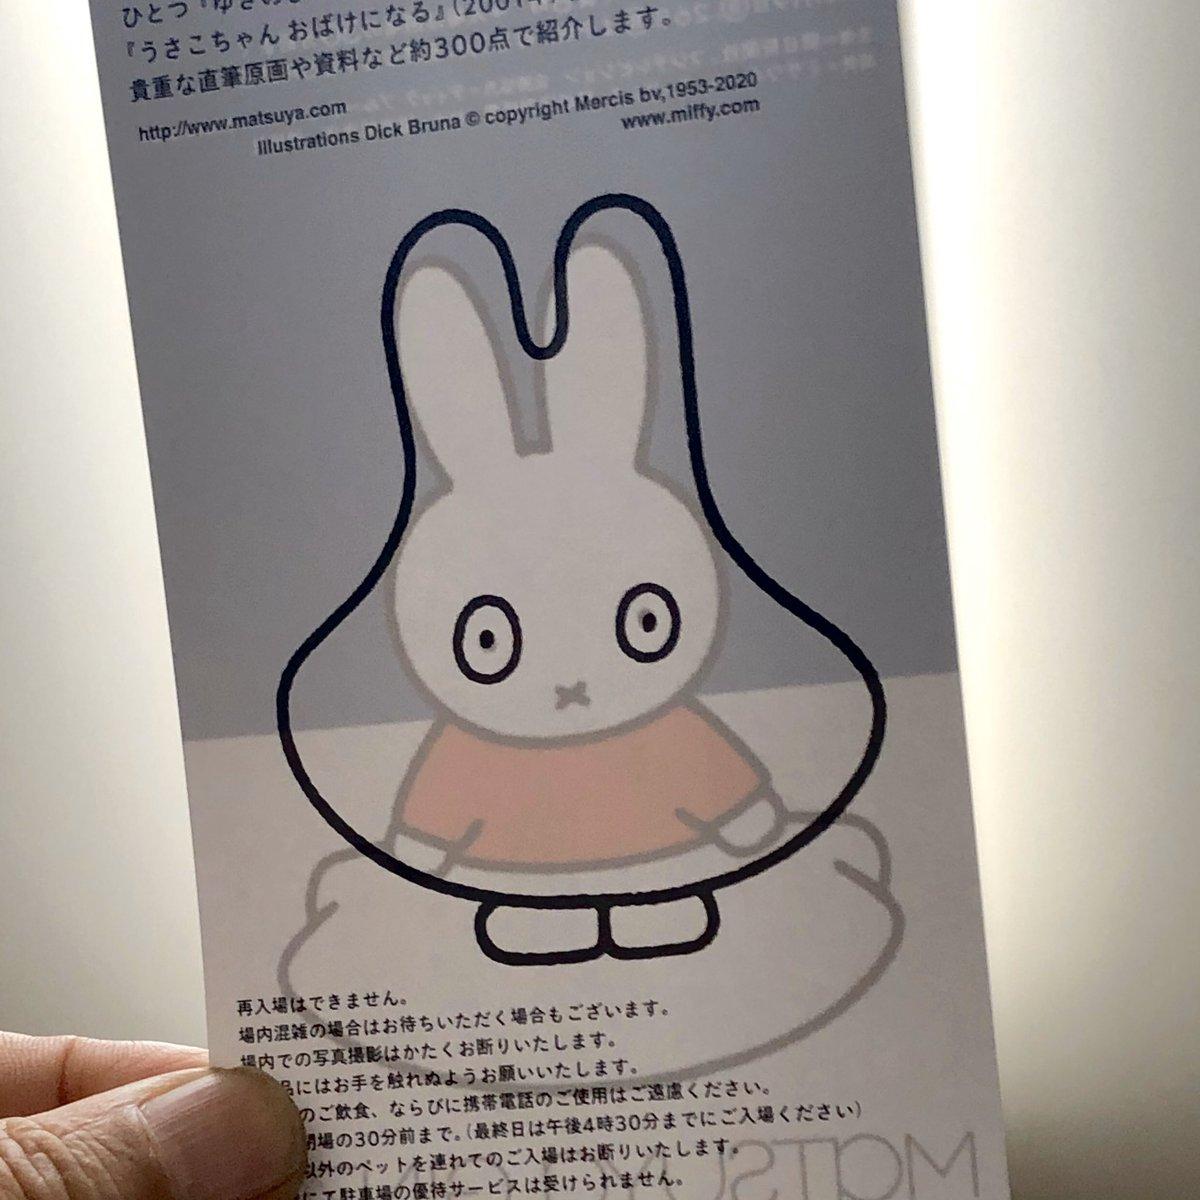 展 2020 ミッフィー 誕生65周年記念「ミッフィー展」が全国を巡回、東京立川や福井の日程など